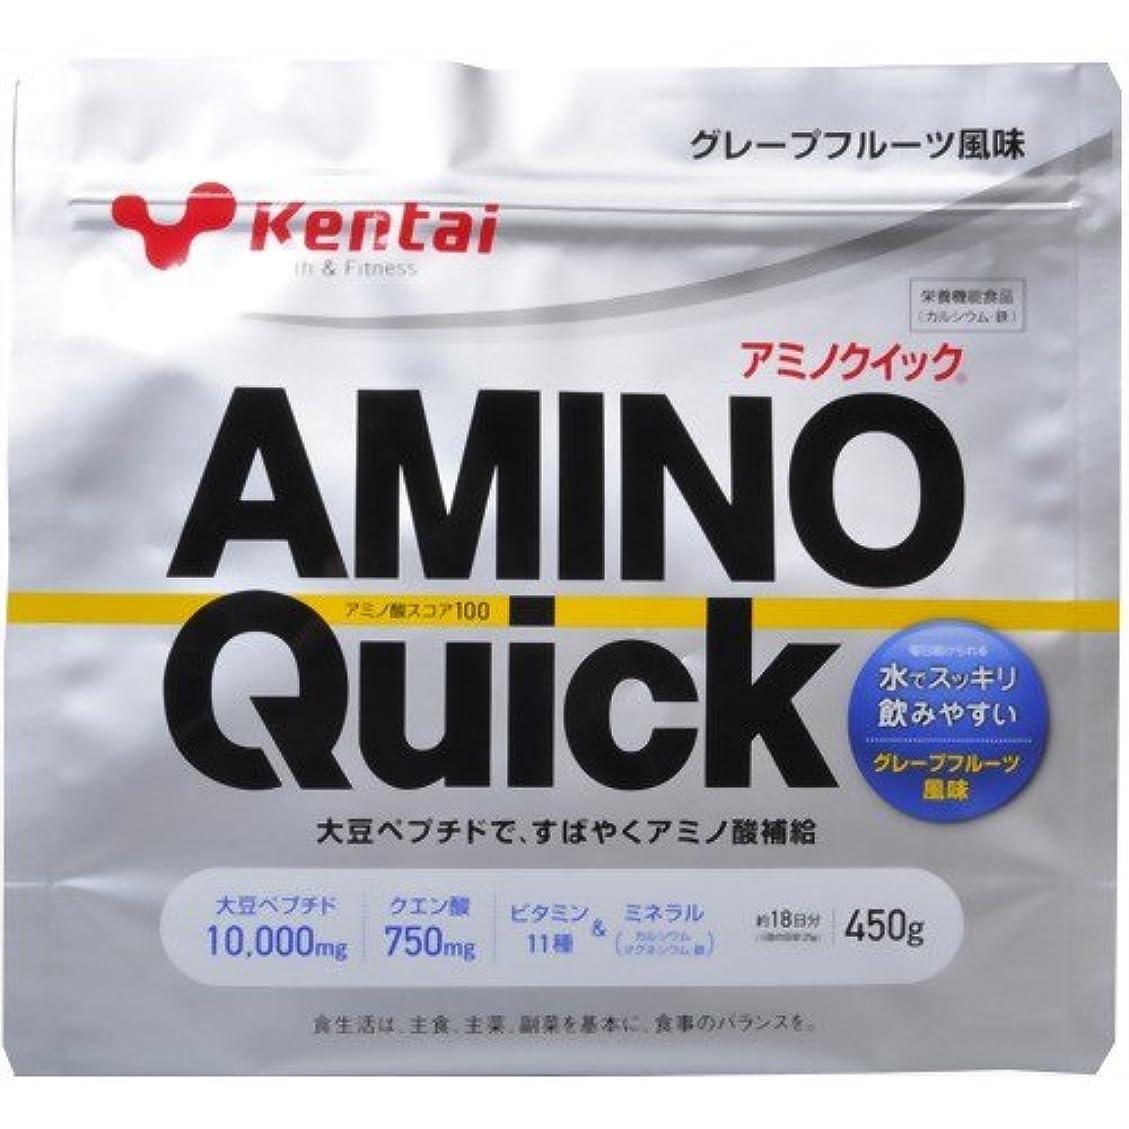 文延ばす成分Kentai(ケンタイ) アミノクイック(大豆ペプチド) グレープフルーツ風味 450g